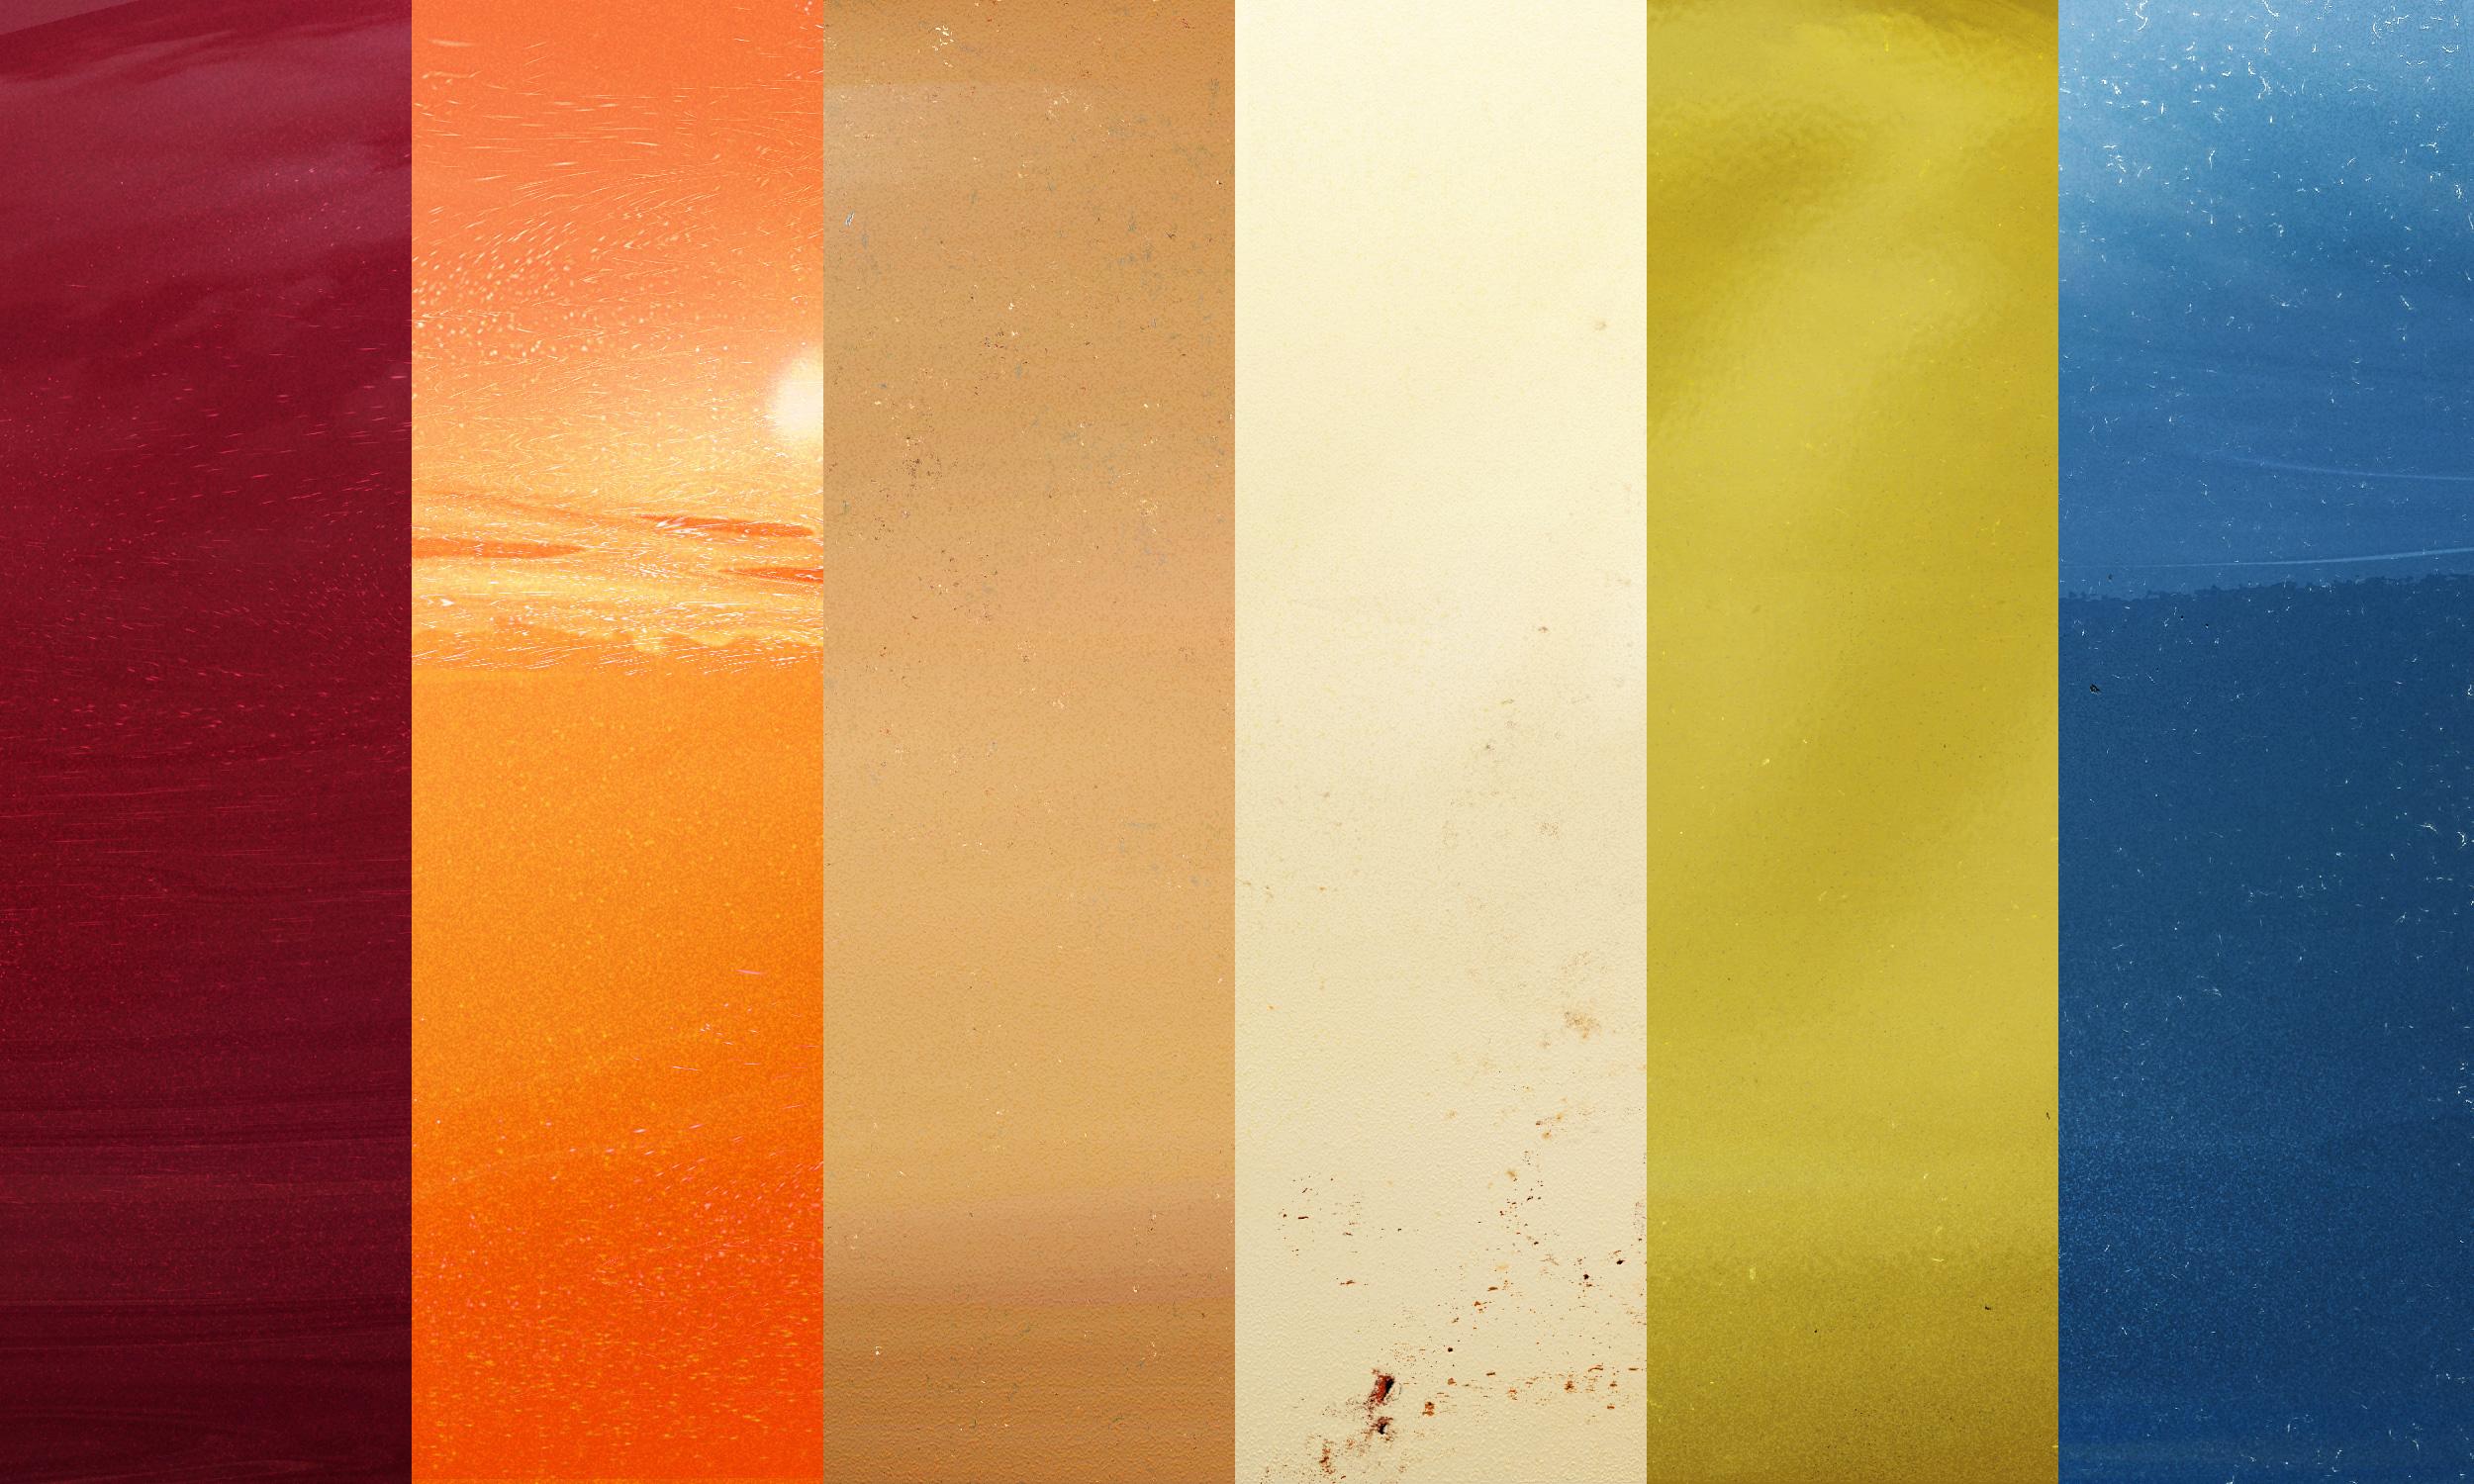 Car Paint Colors >> 6 Retro Car Paint Textures | GraphicBurger